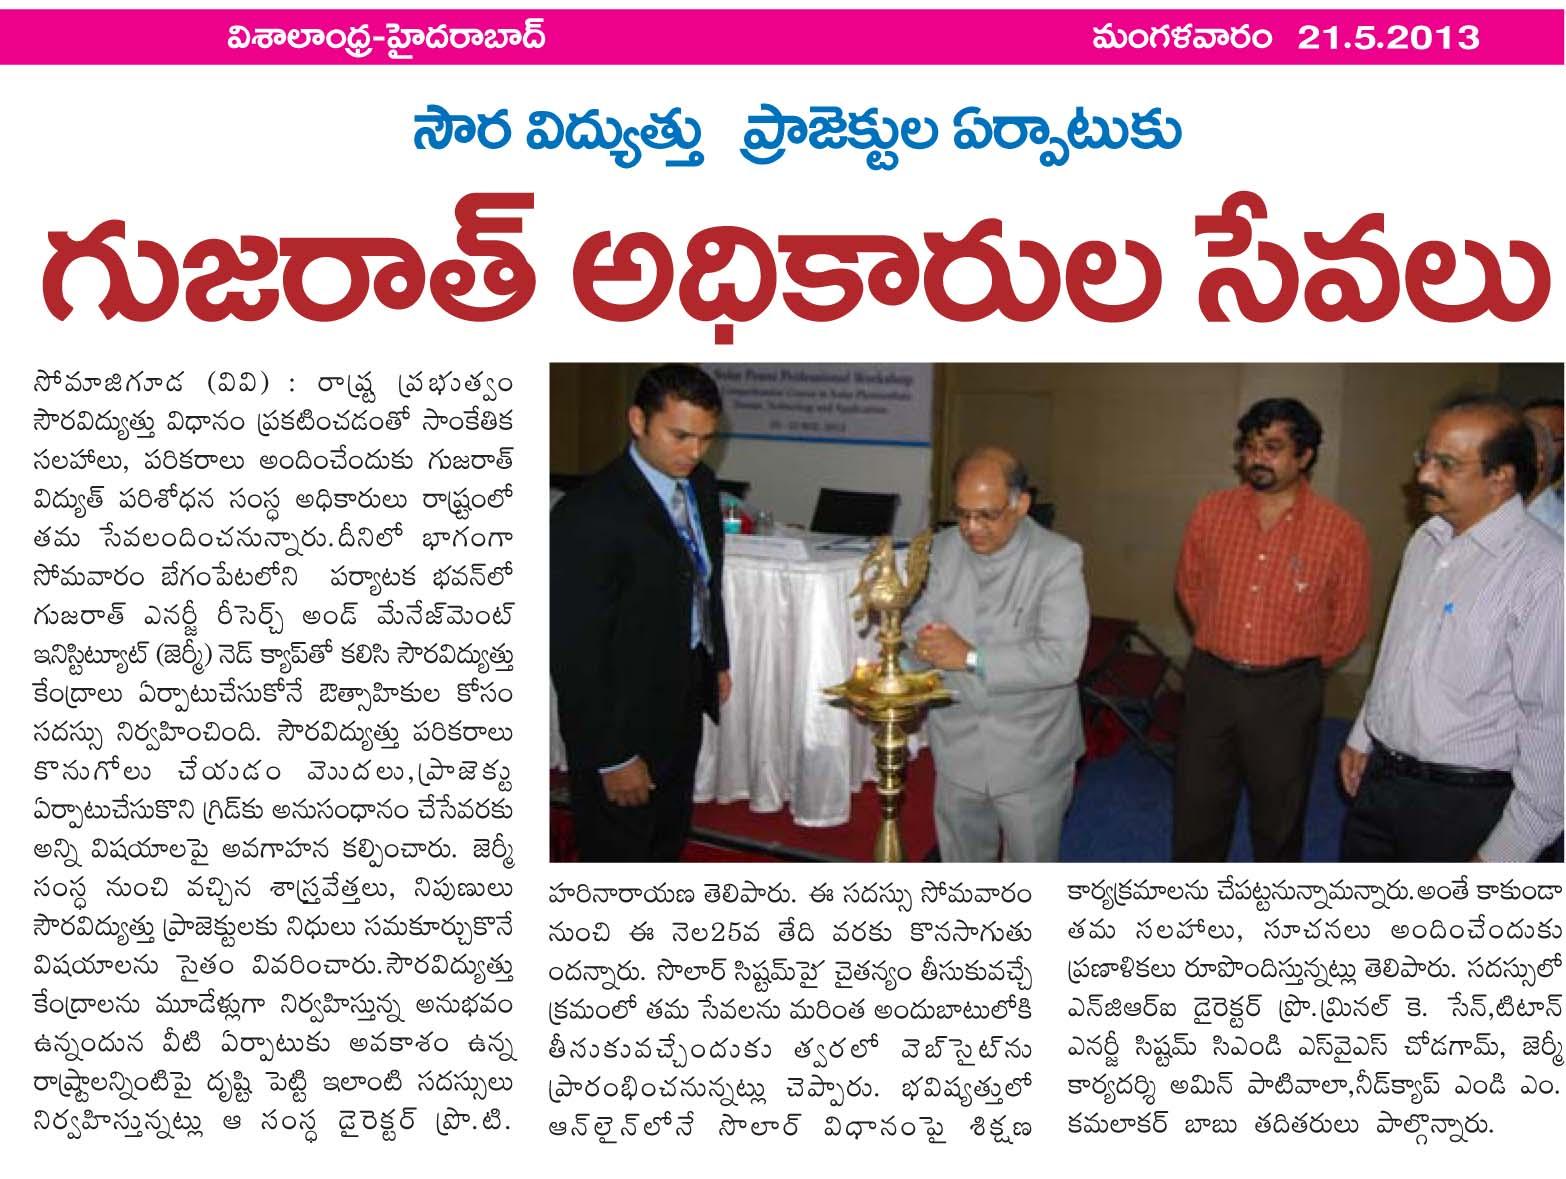 Andhra prabha, hydrabad, may 26, 2013